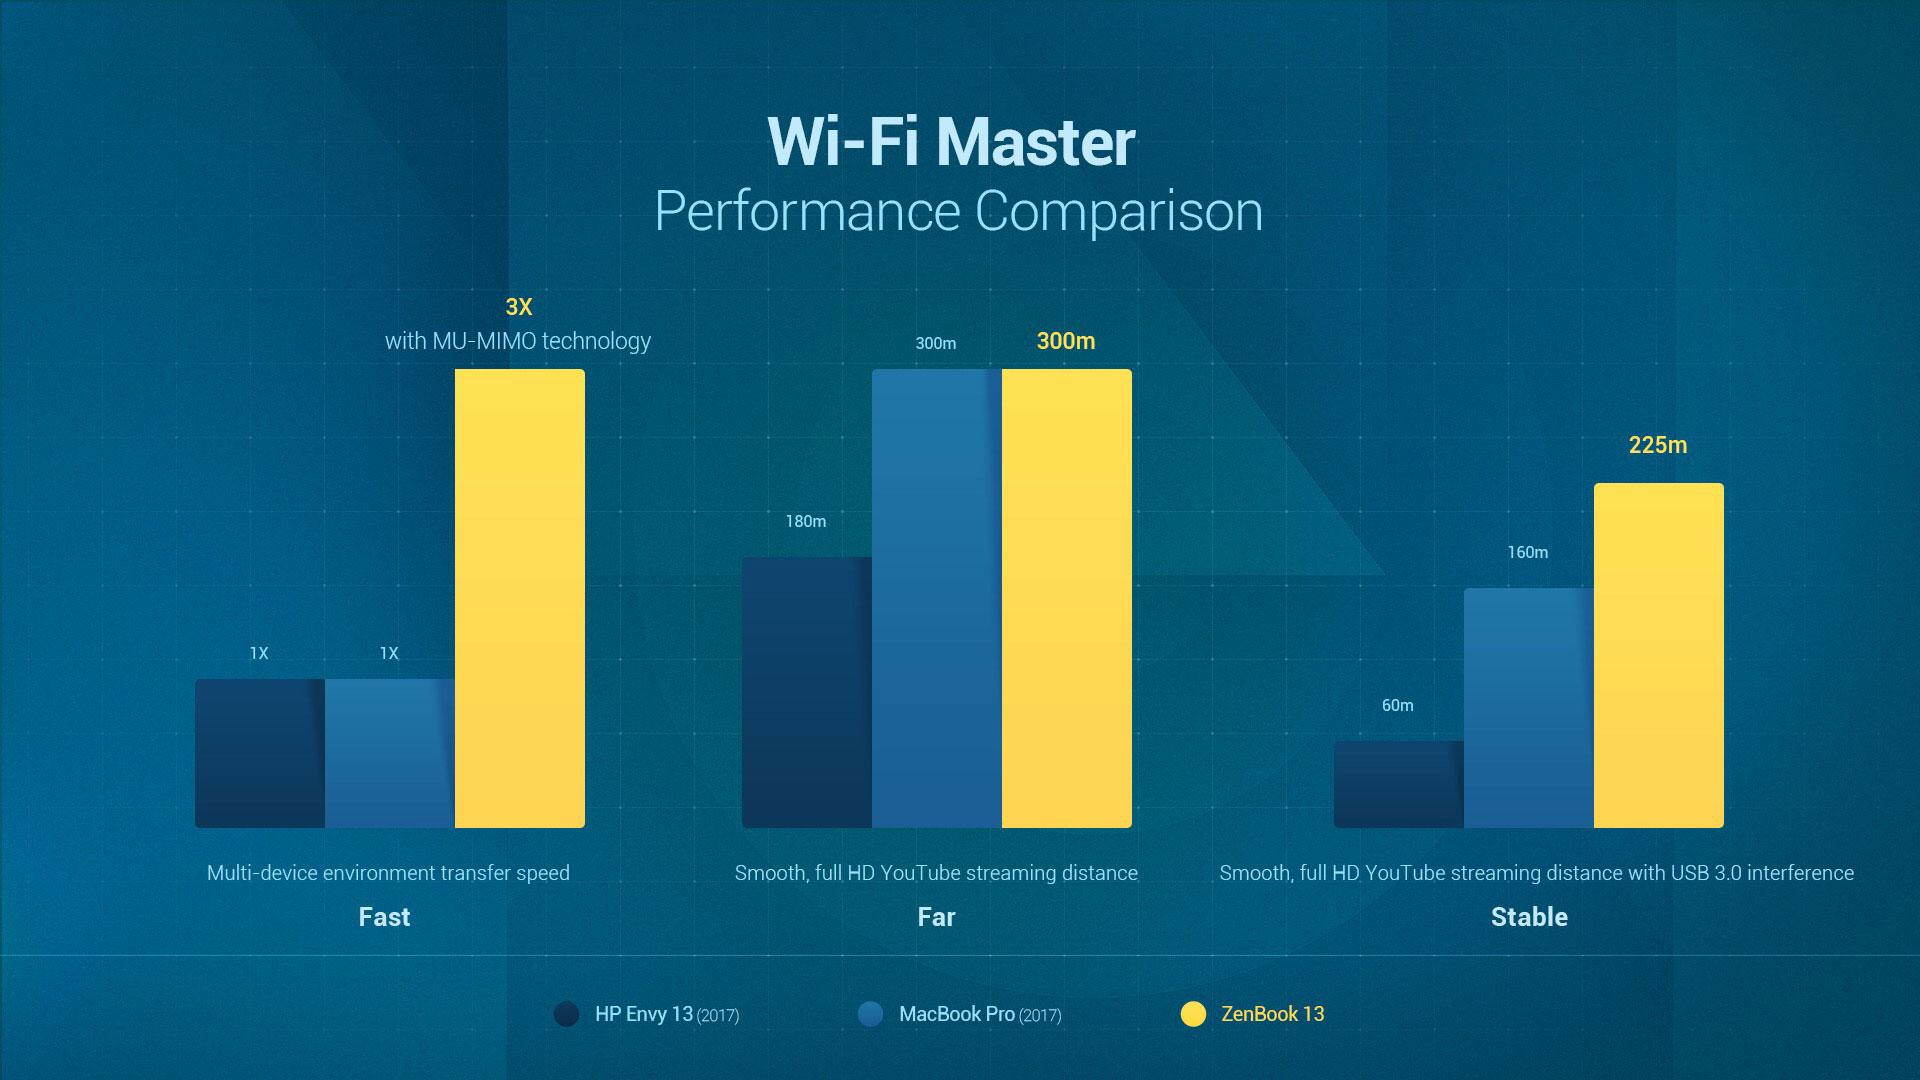 Wi-Fi Master comparison chart